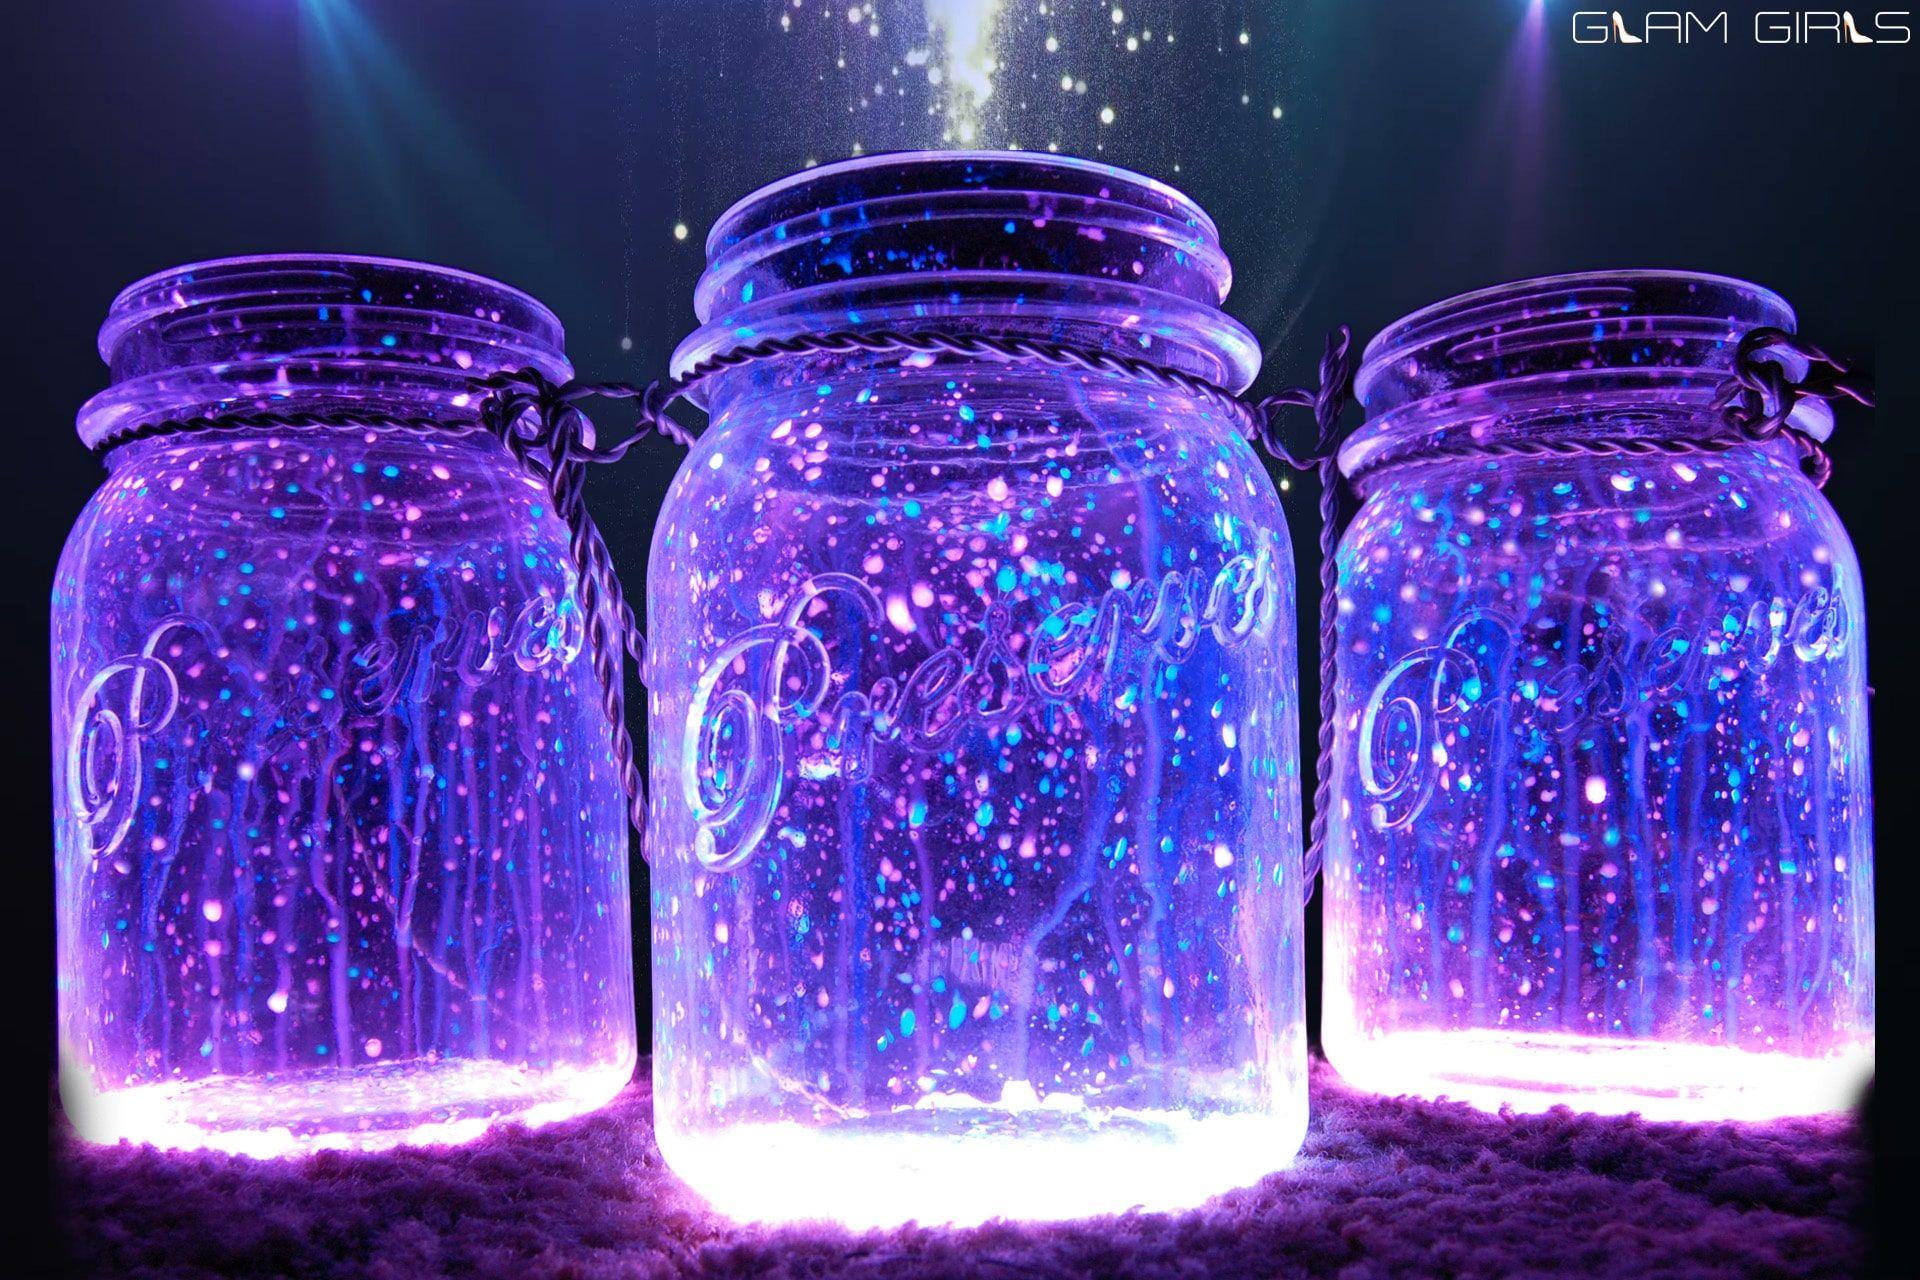 Szdajte Sami Prikazno Svetesh Burkan Ss Svetulki Glow Jars